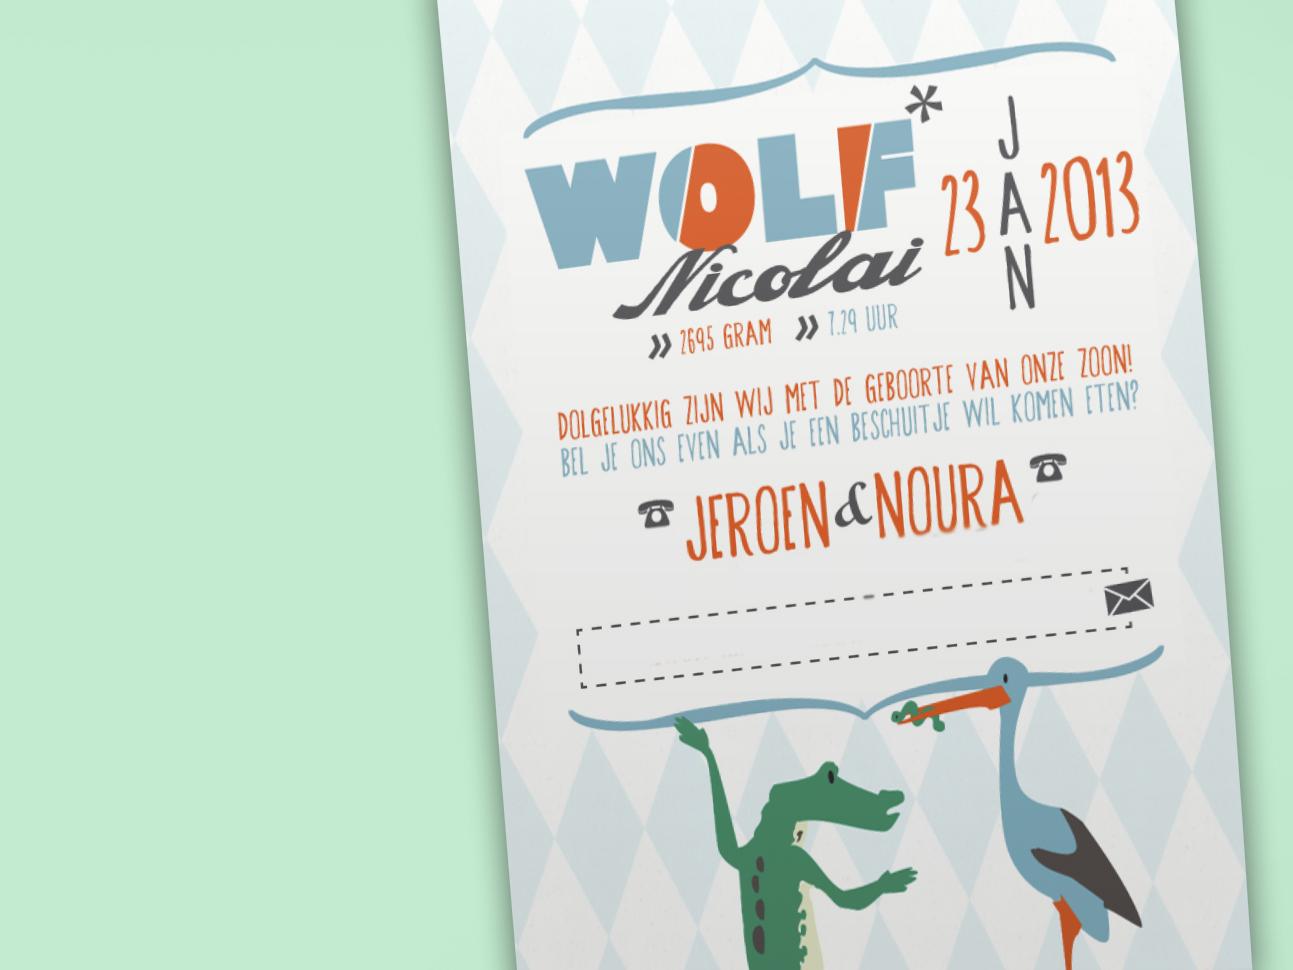 Geboortekaart Wolf